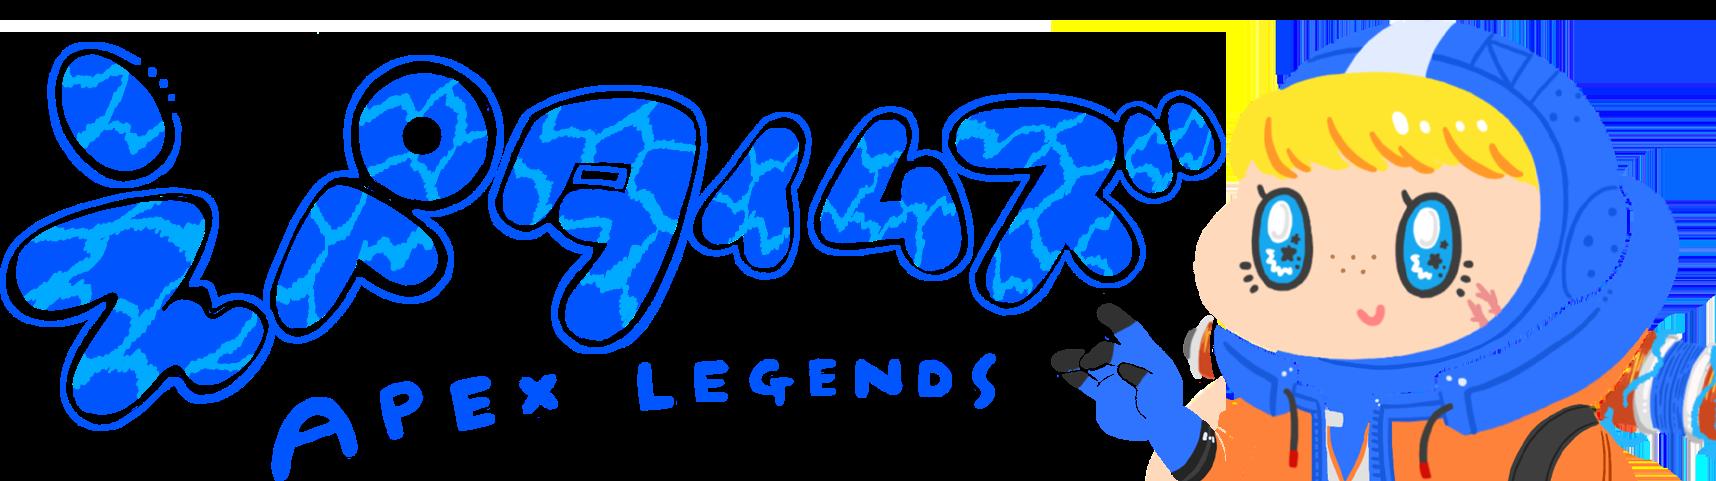 Apex Legendsまとめ速報 - えぺタイムズ